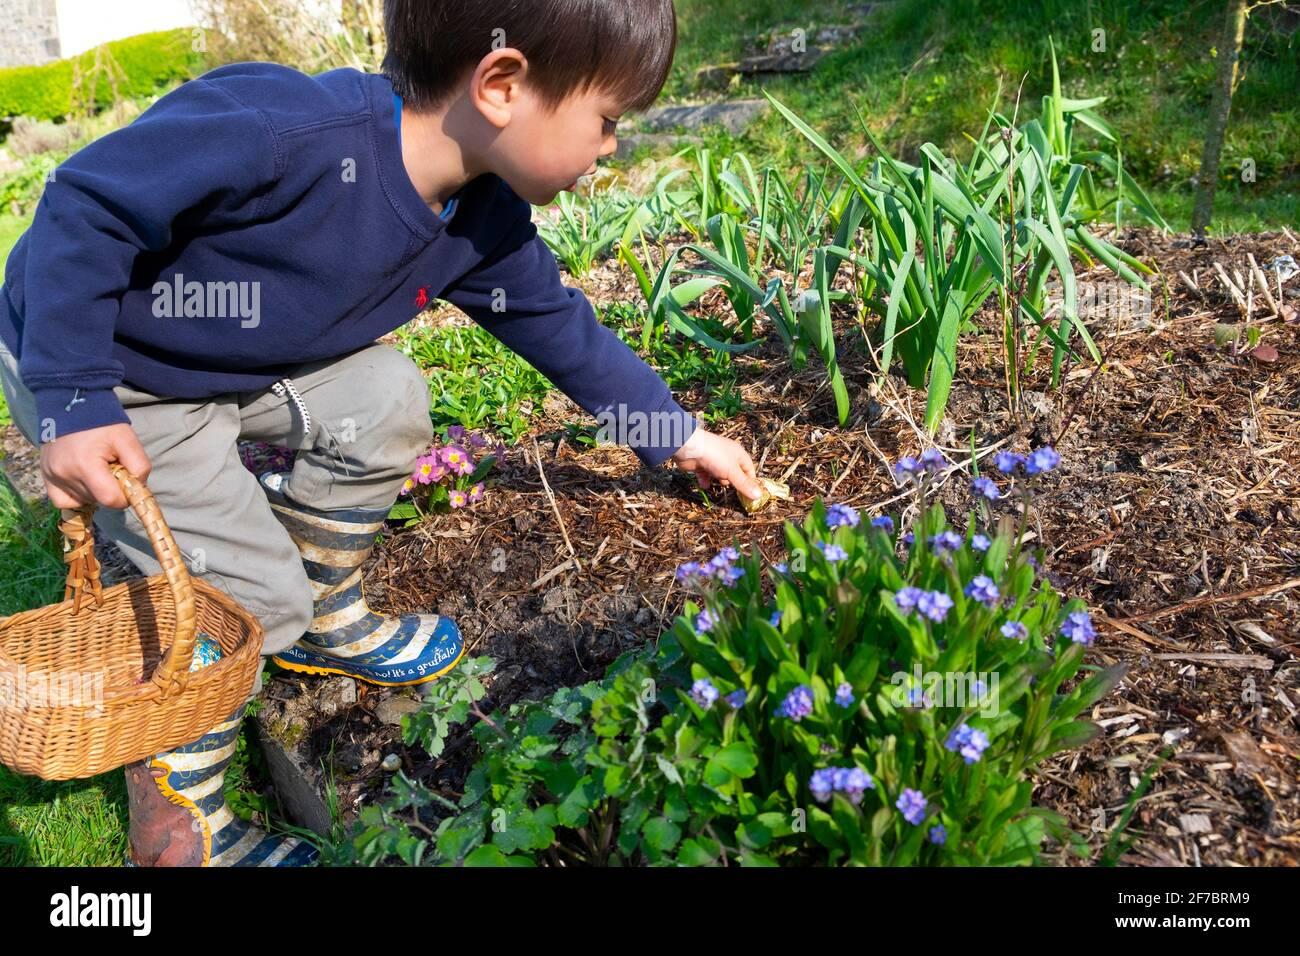 Bambino ragazzo 4 anni che tiene il cesto che raggiunge per Pasqua cioccolato Coniglio in giardino fiorito su caccia all'uovo Carmarthenshire Galles UK Gran Bretagna KATHY DEWITT Foto Stock